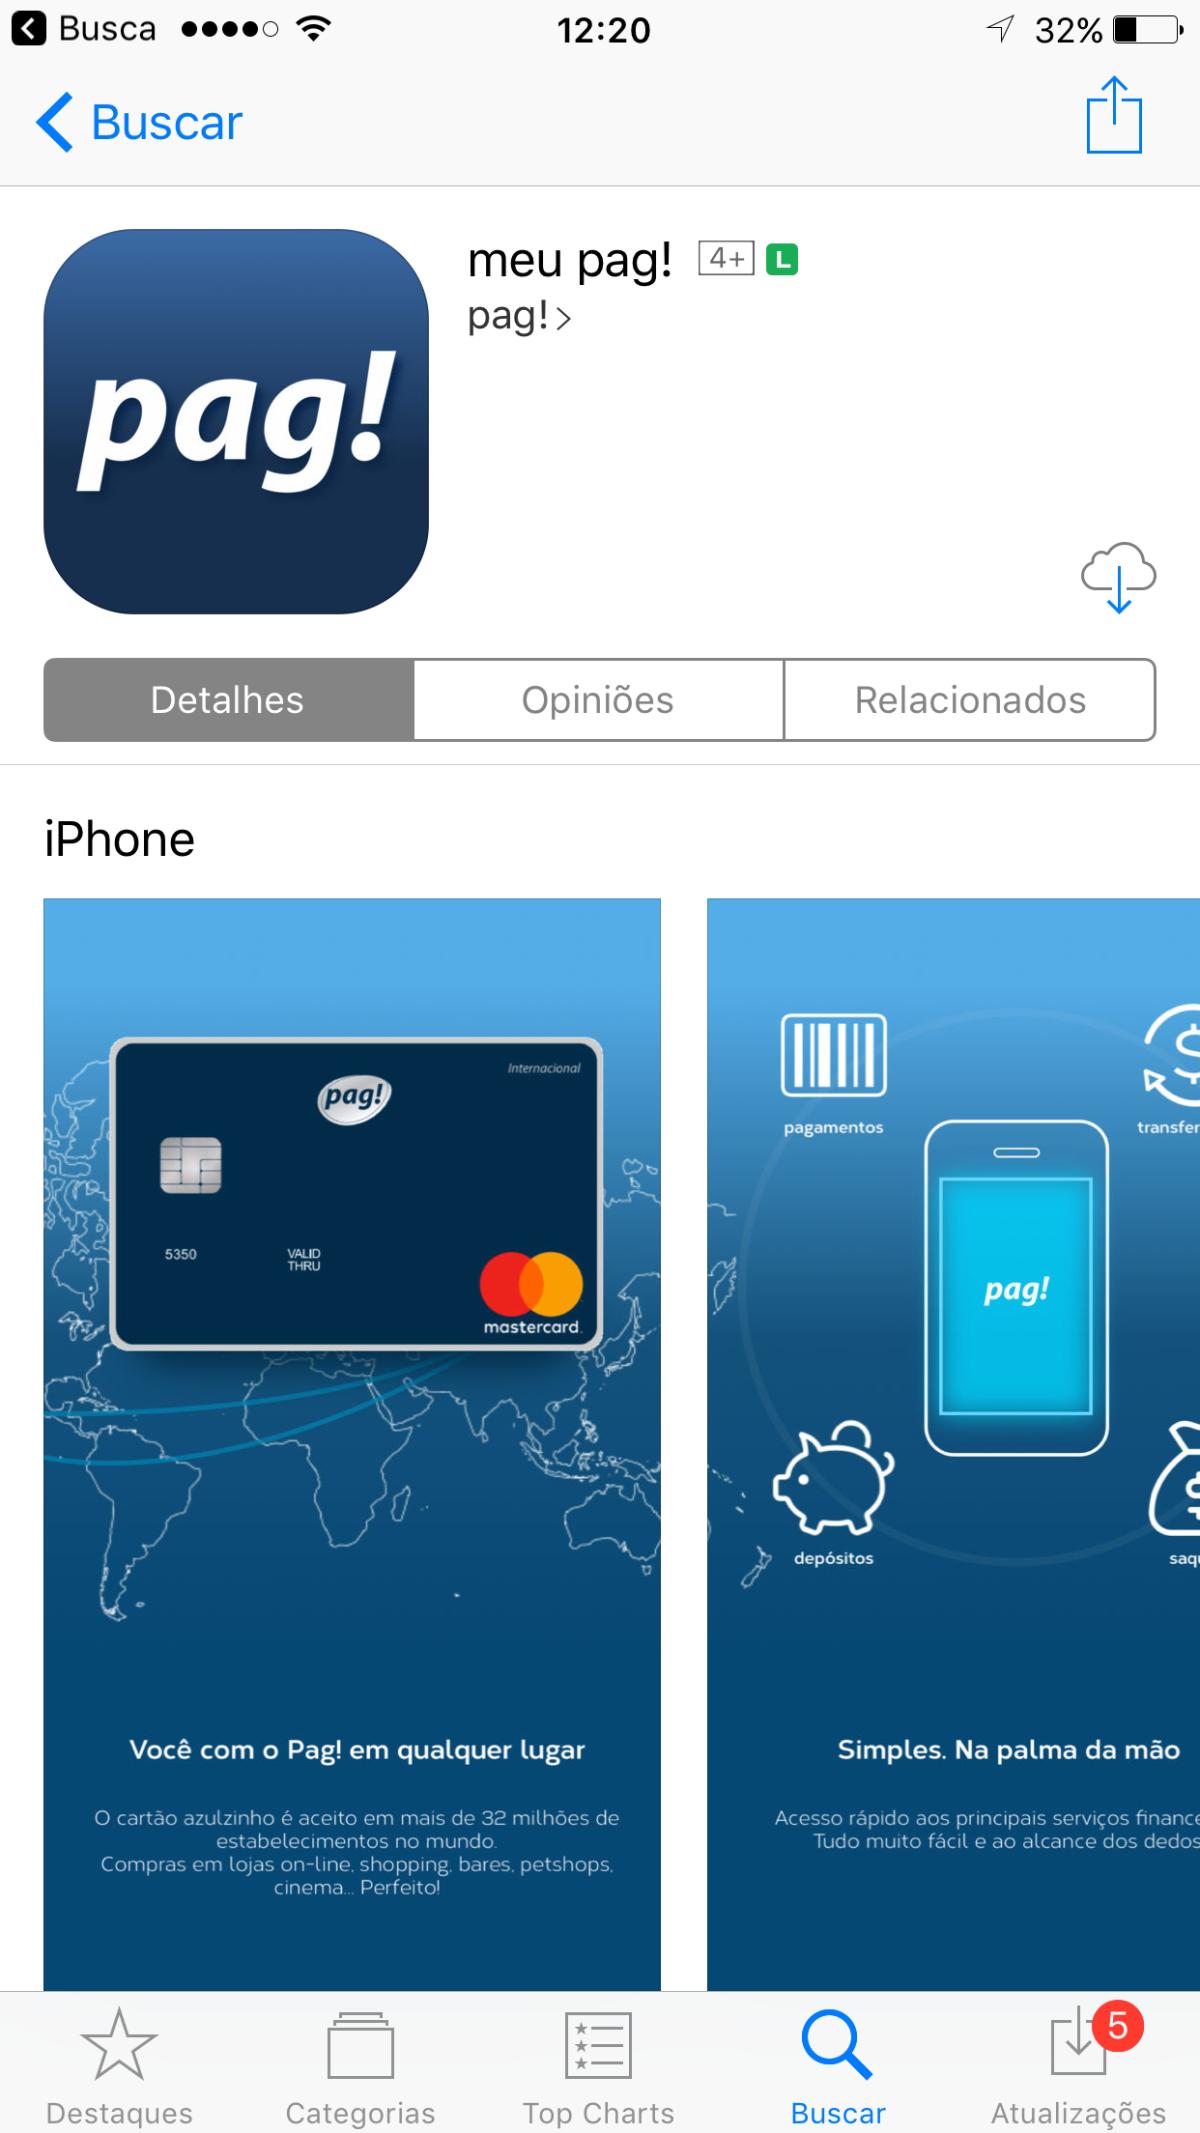 Cover Image for meupag! app